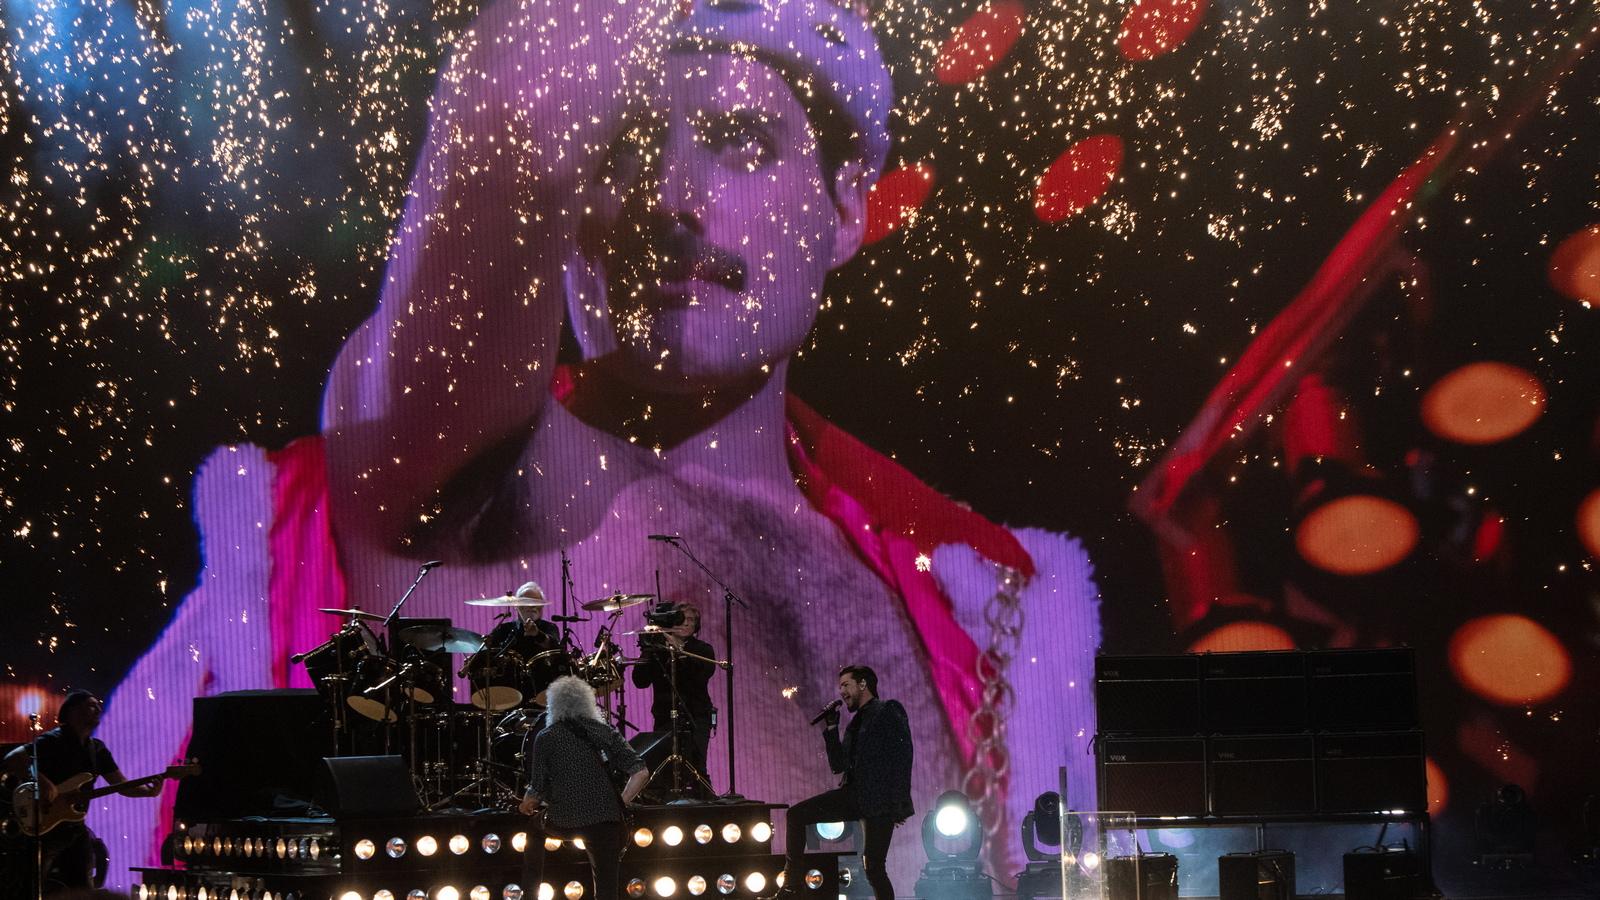 """Групата """"Куин"""" и вокалистът Адам Ламбърт свириха на церемонията по връчването на наградите """"Оскар"""""""